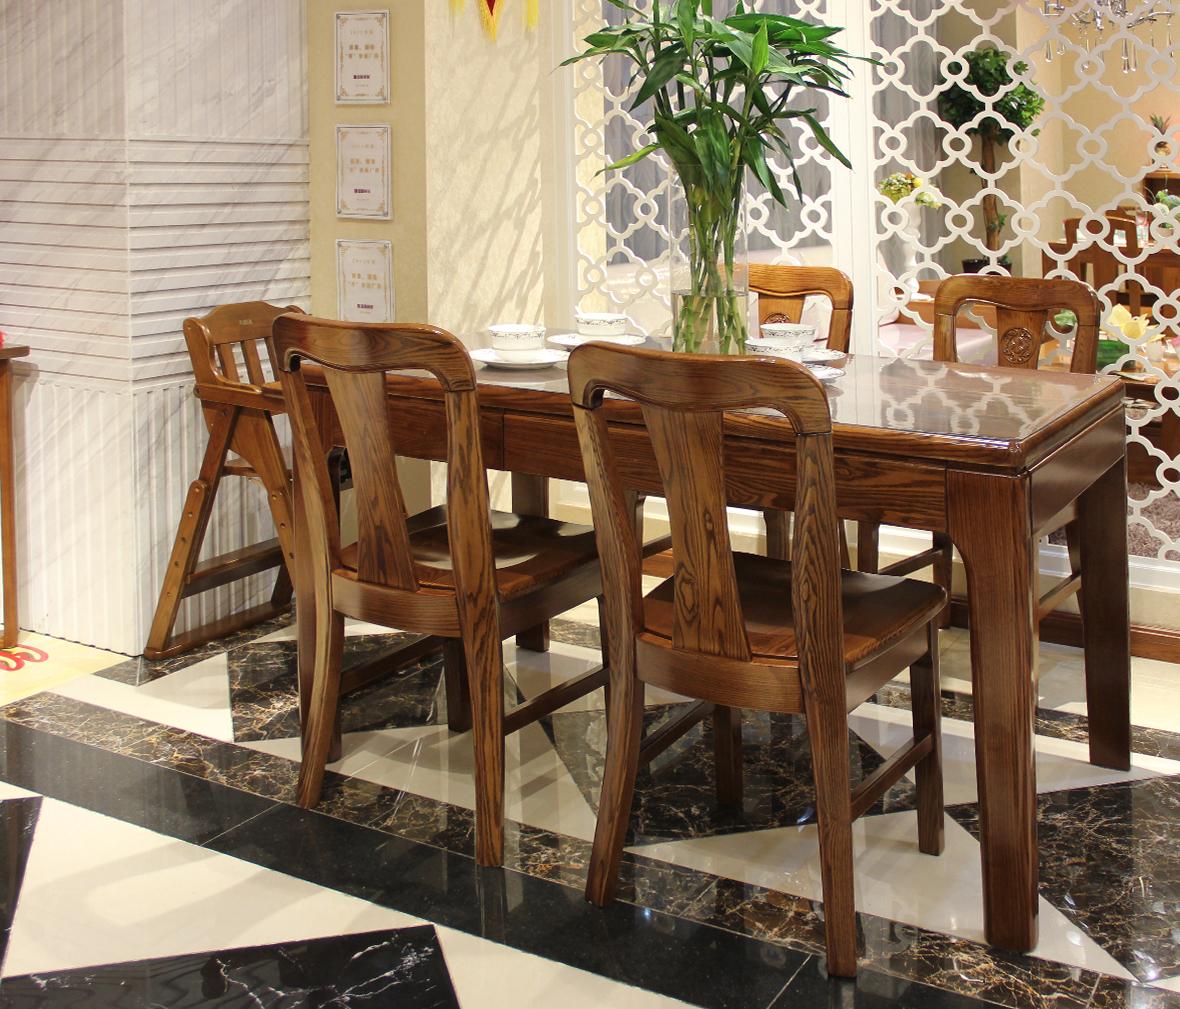 光明家具 东方金鼎系列 餐桌398-4101-140 实木家具图片